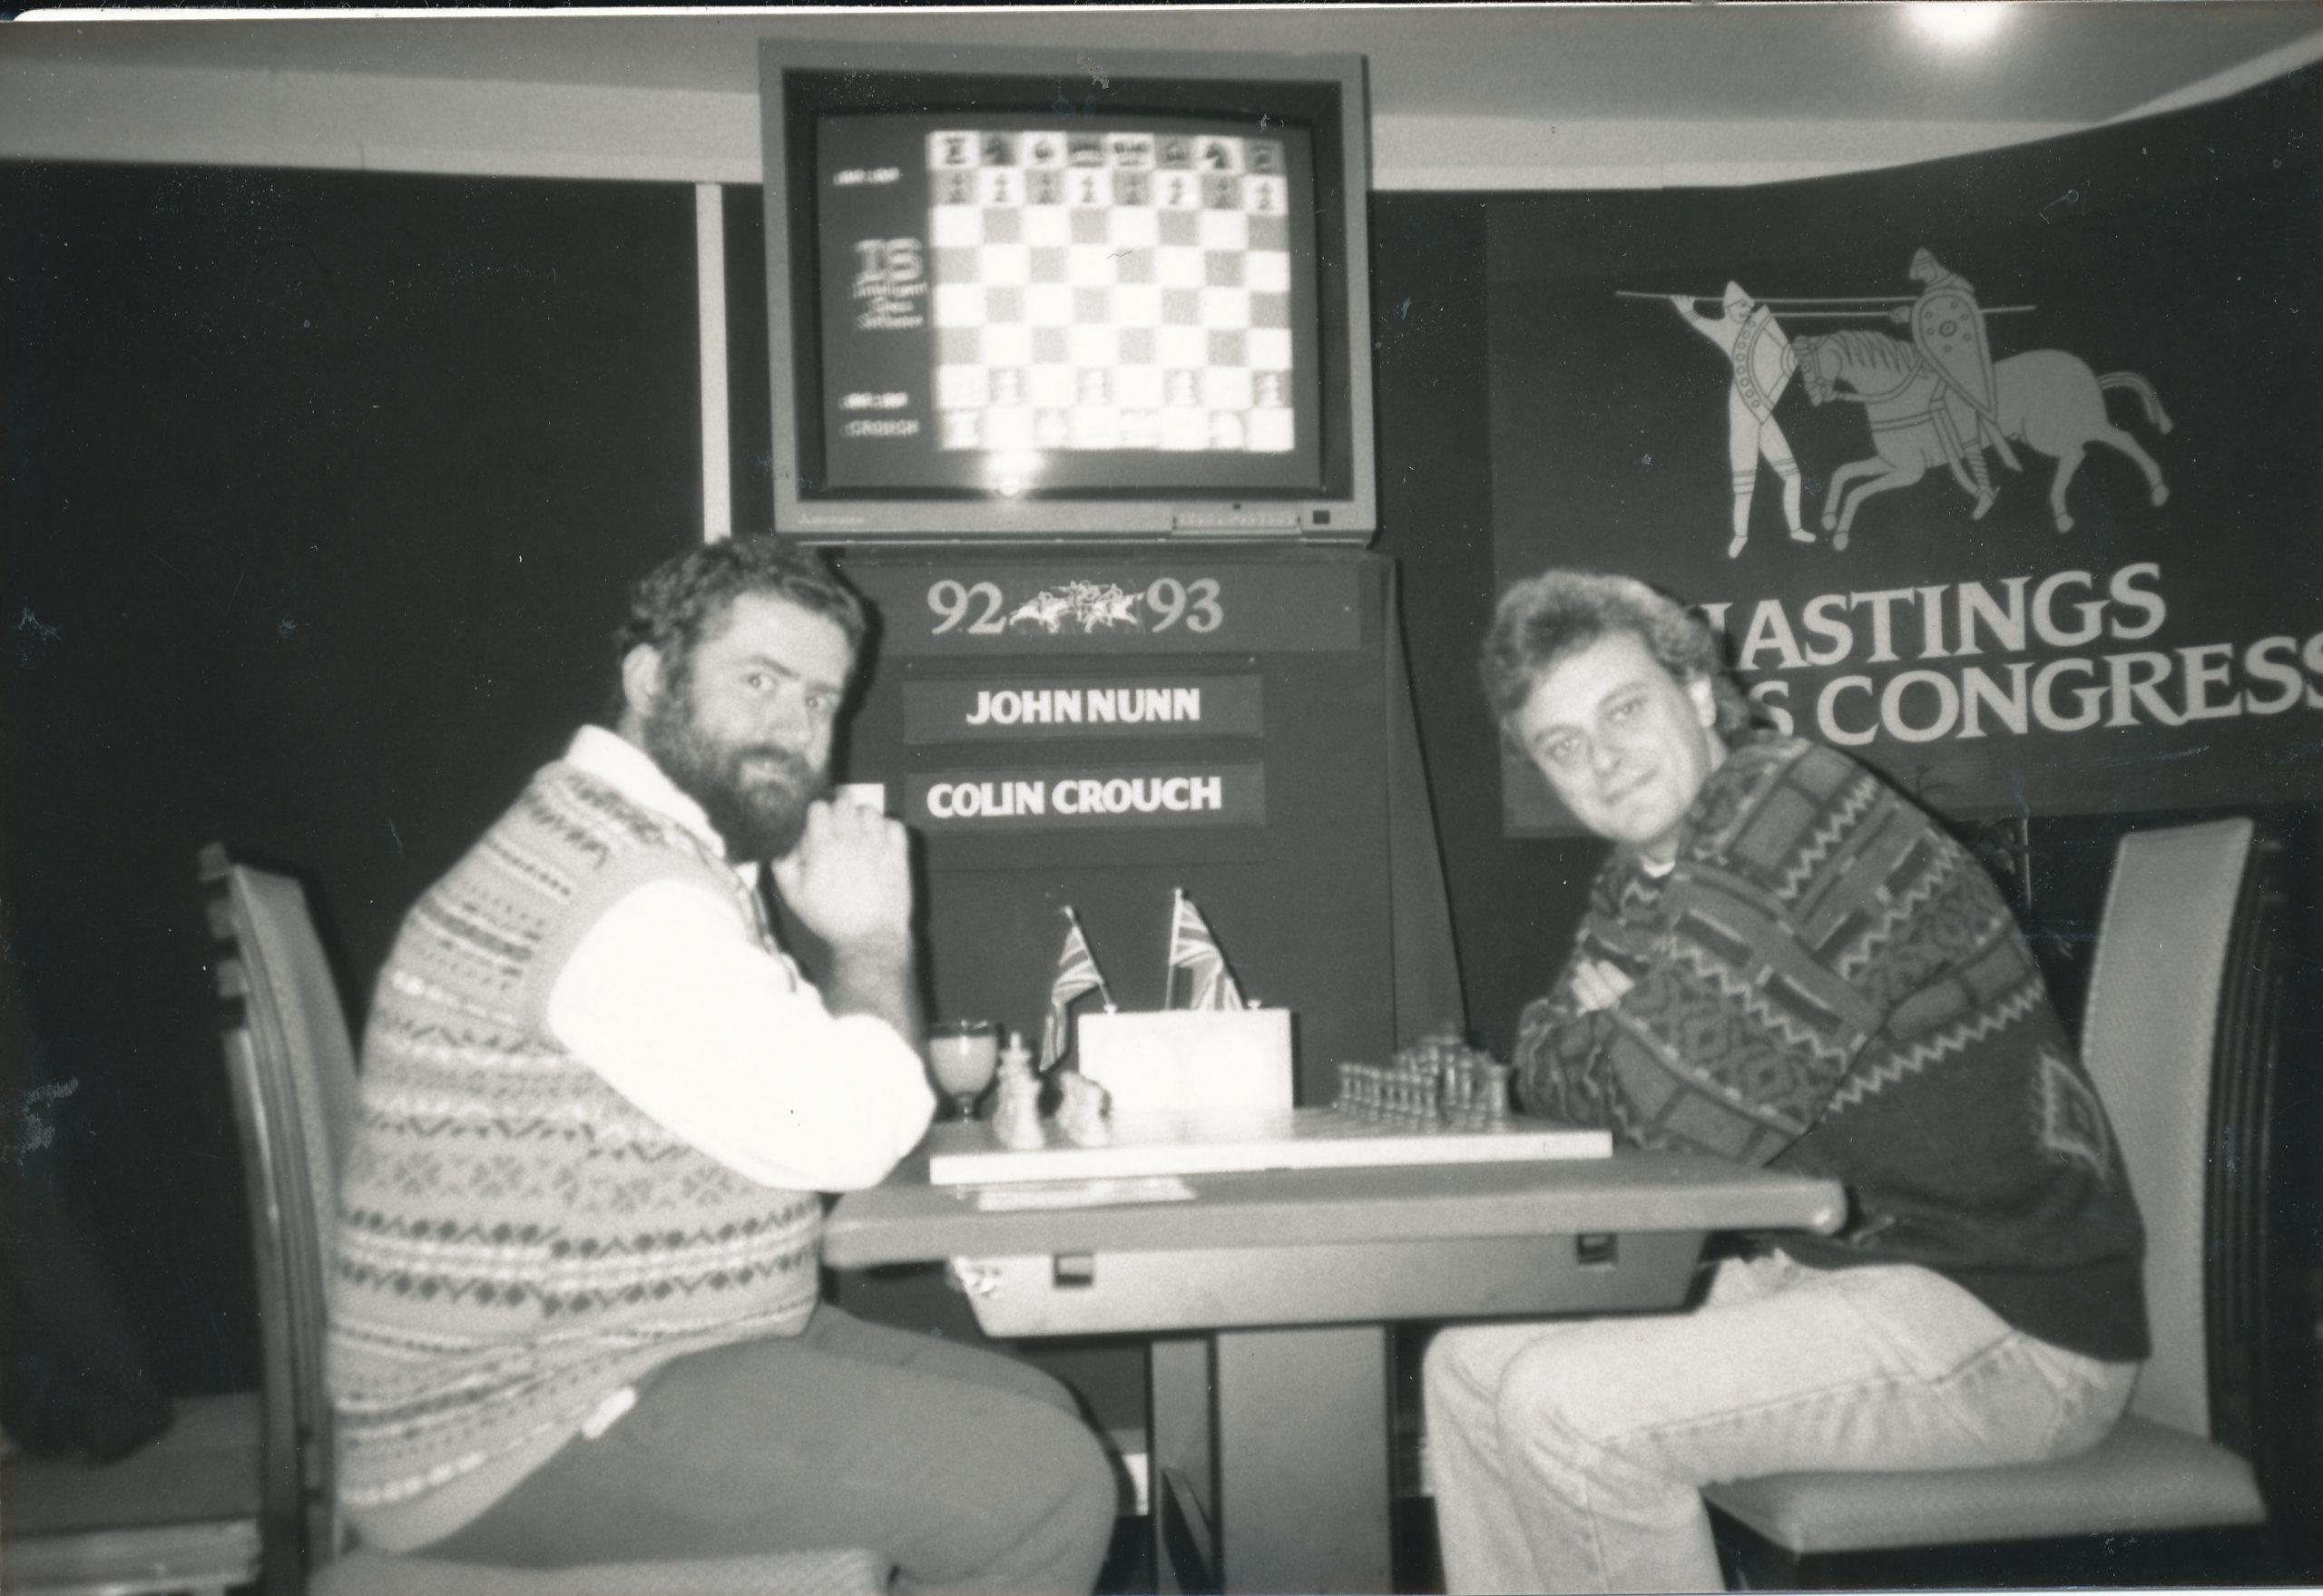 Colin at Hastings with John Nunn at Hastings 1992-3